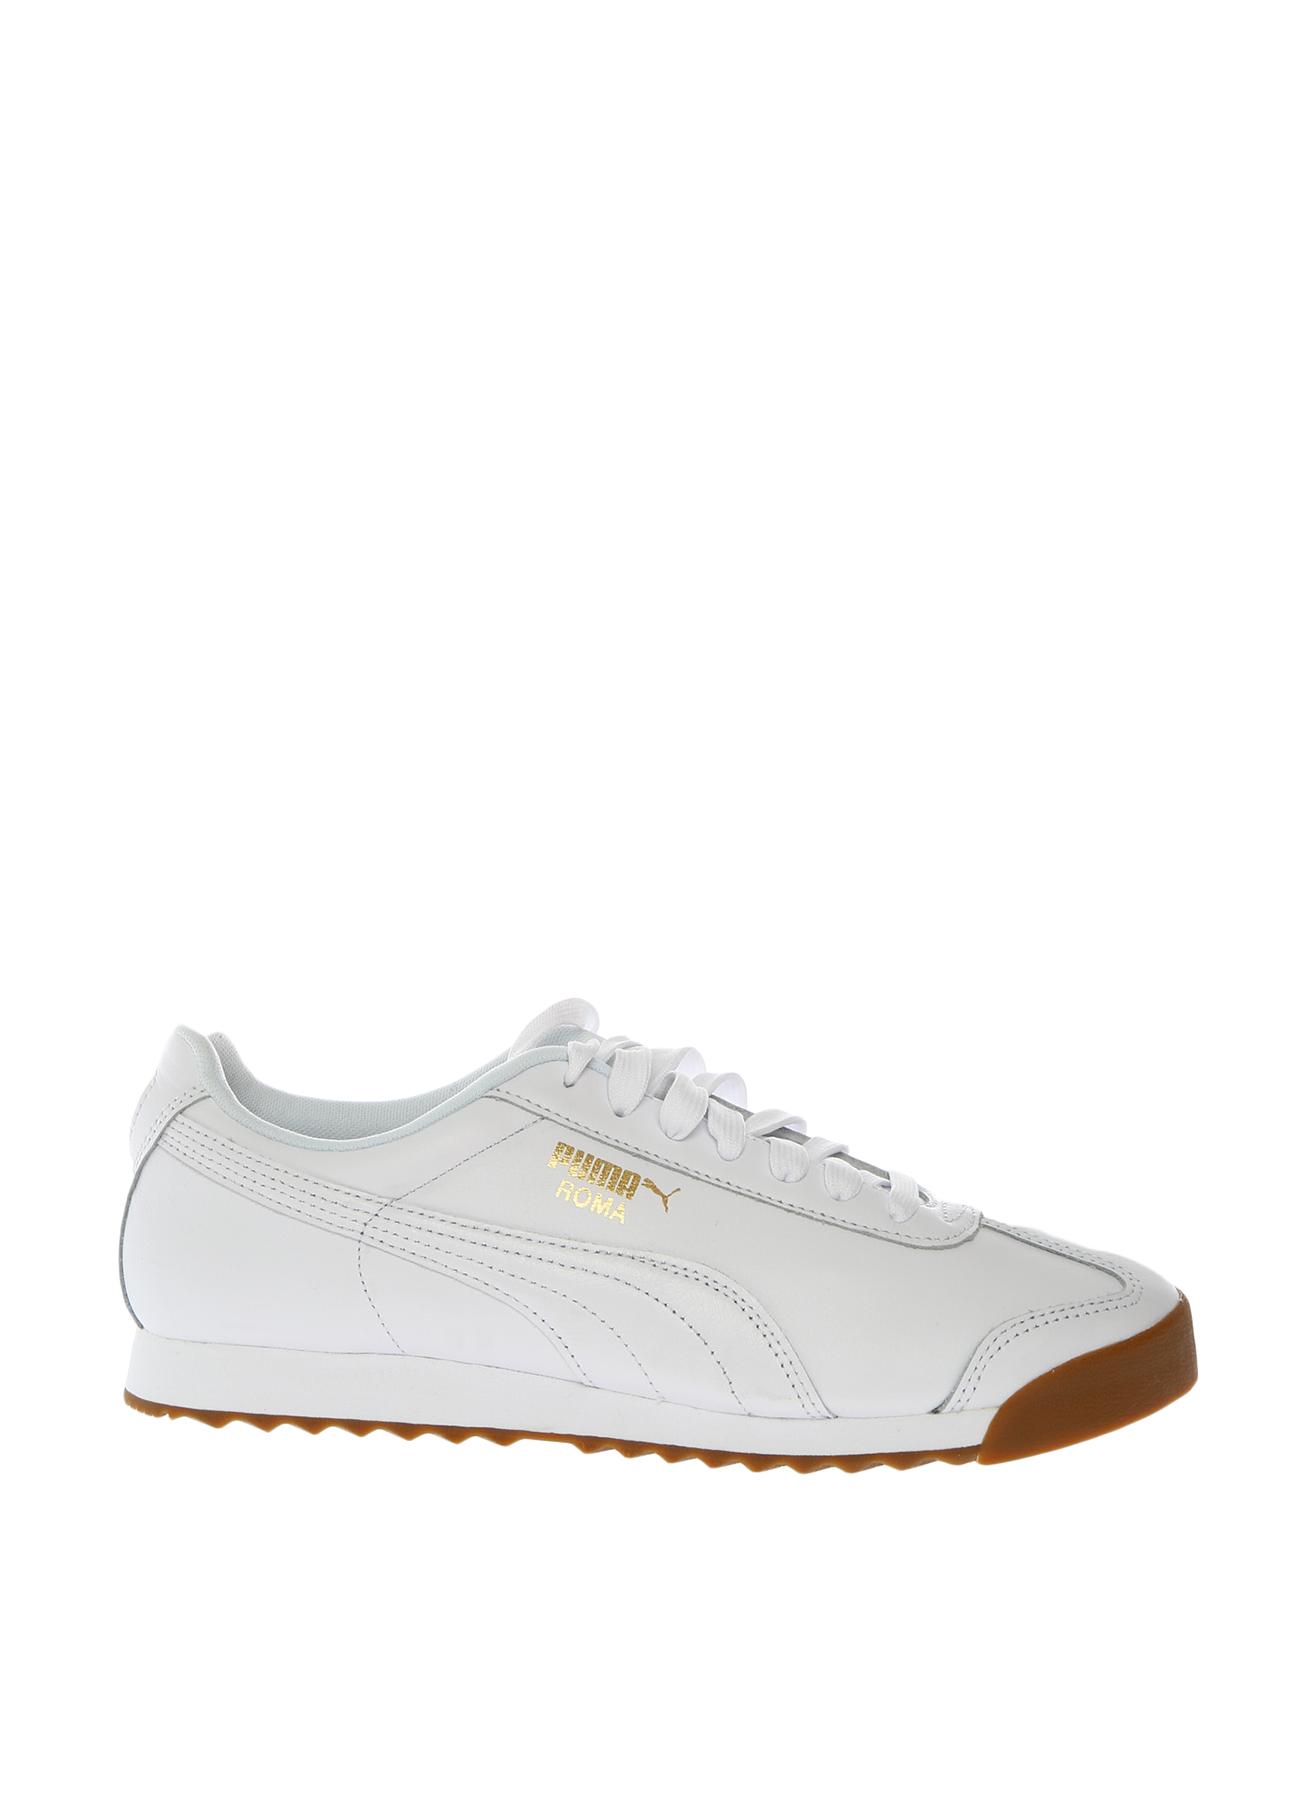 Puma Roma Classic Gum Lifestyle Ayakkabı 40 5000200792008 Ürün Resmi